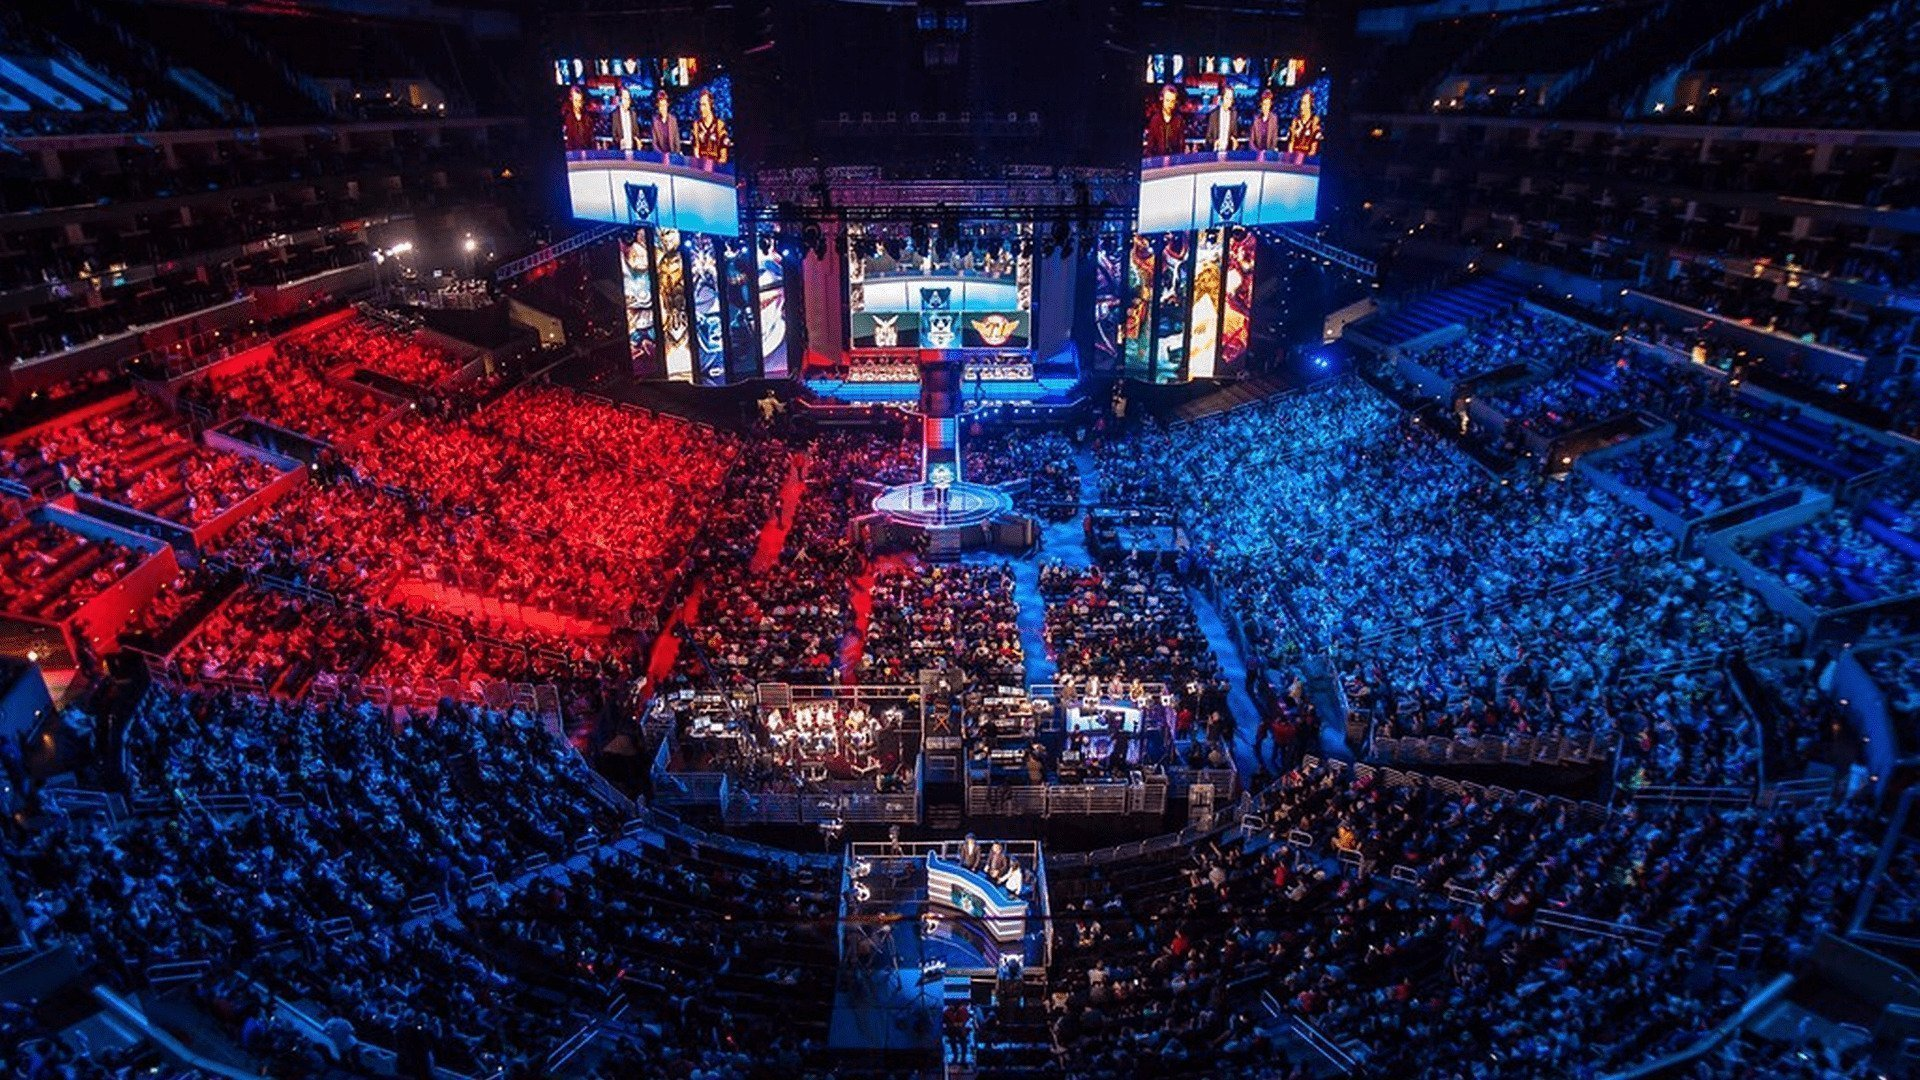 League of Legends eSports (Photo via: Flickr.com)